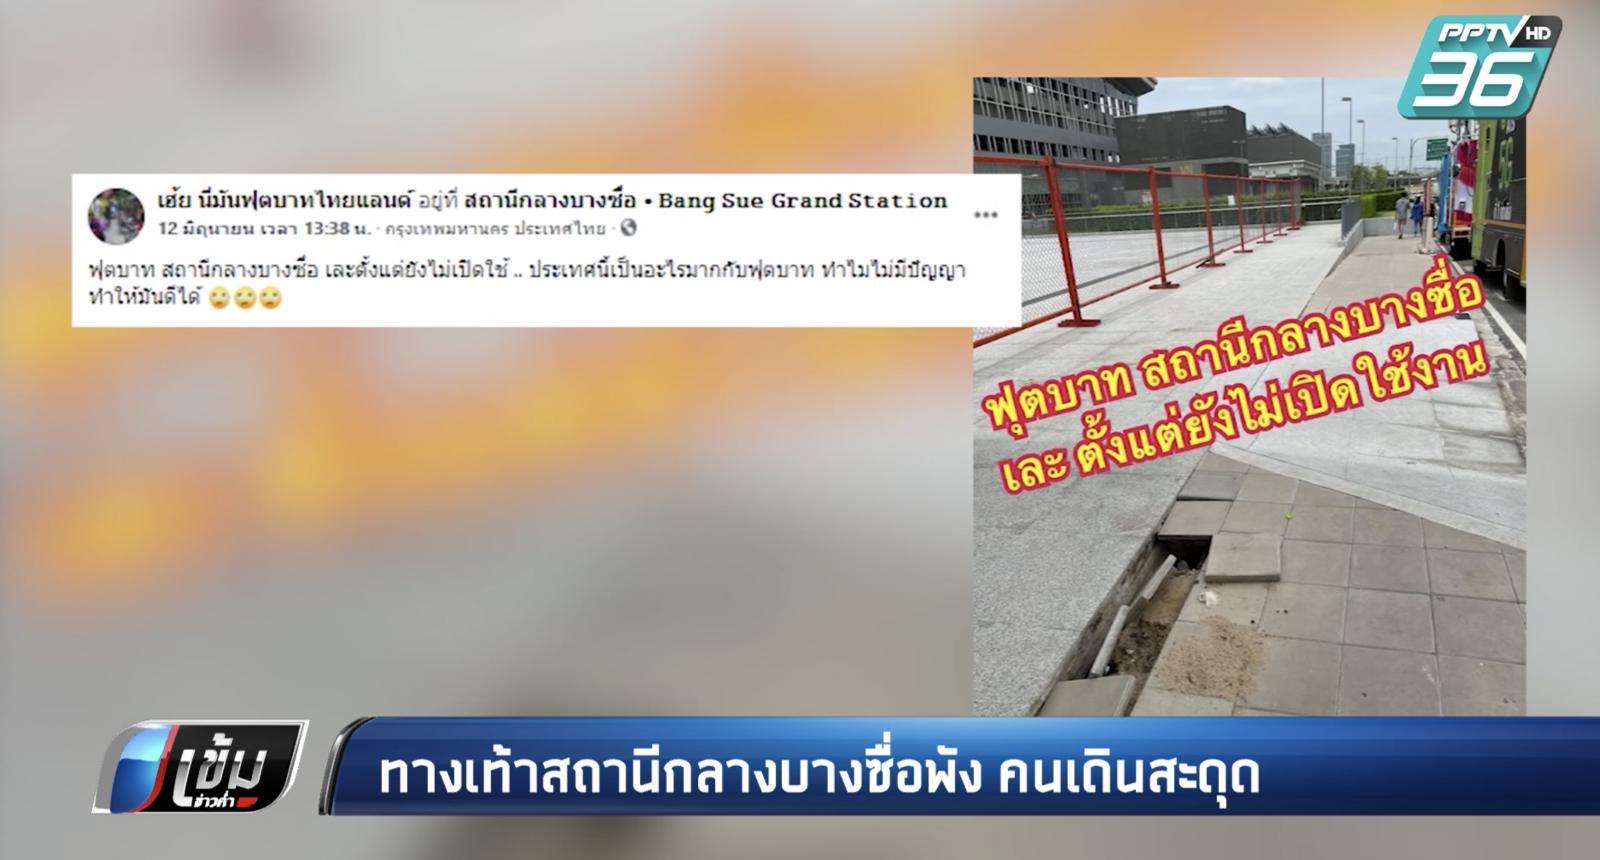 ทางเท้าสถานีกลางบางซื่อพัง คนเดินสะดุด